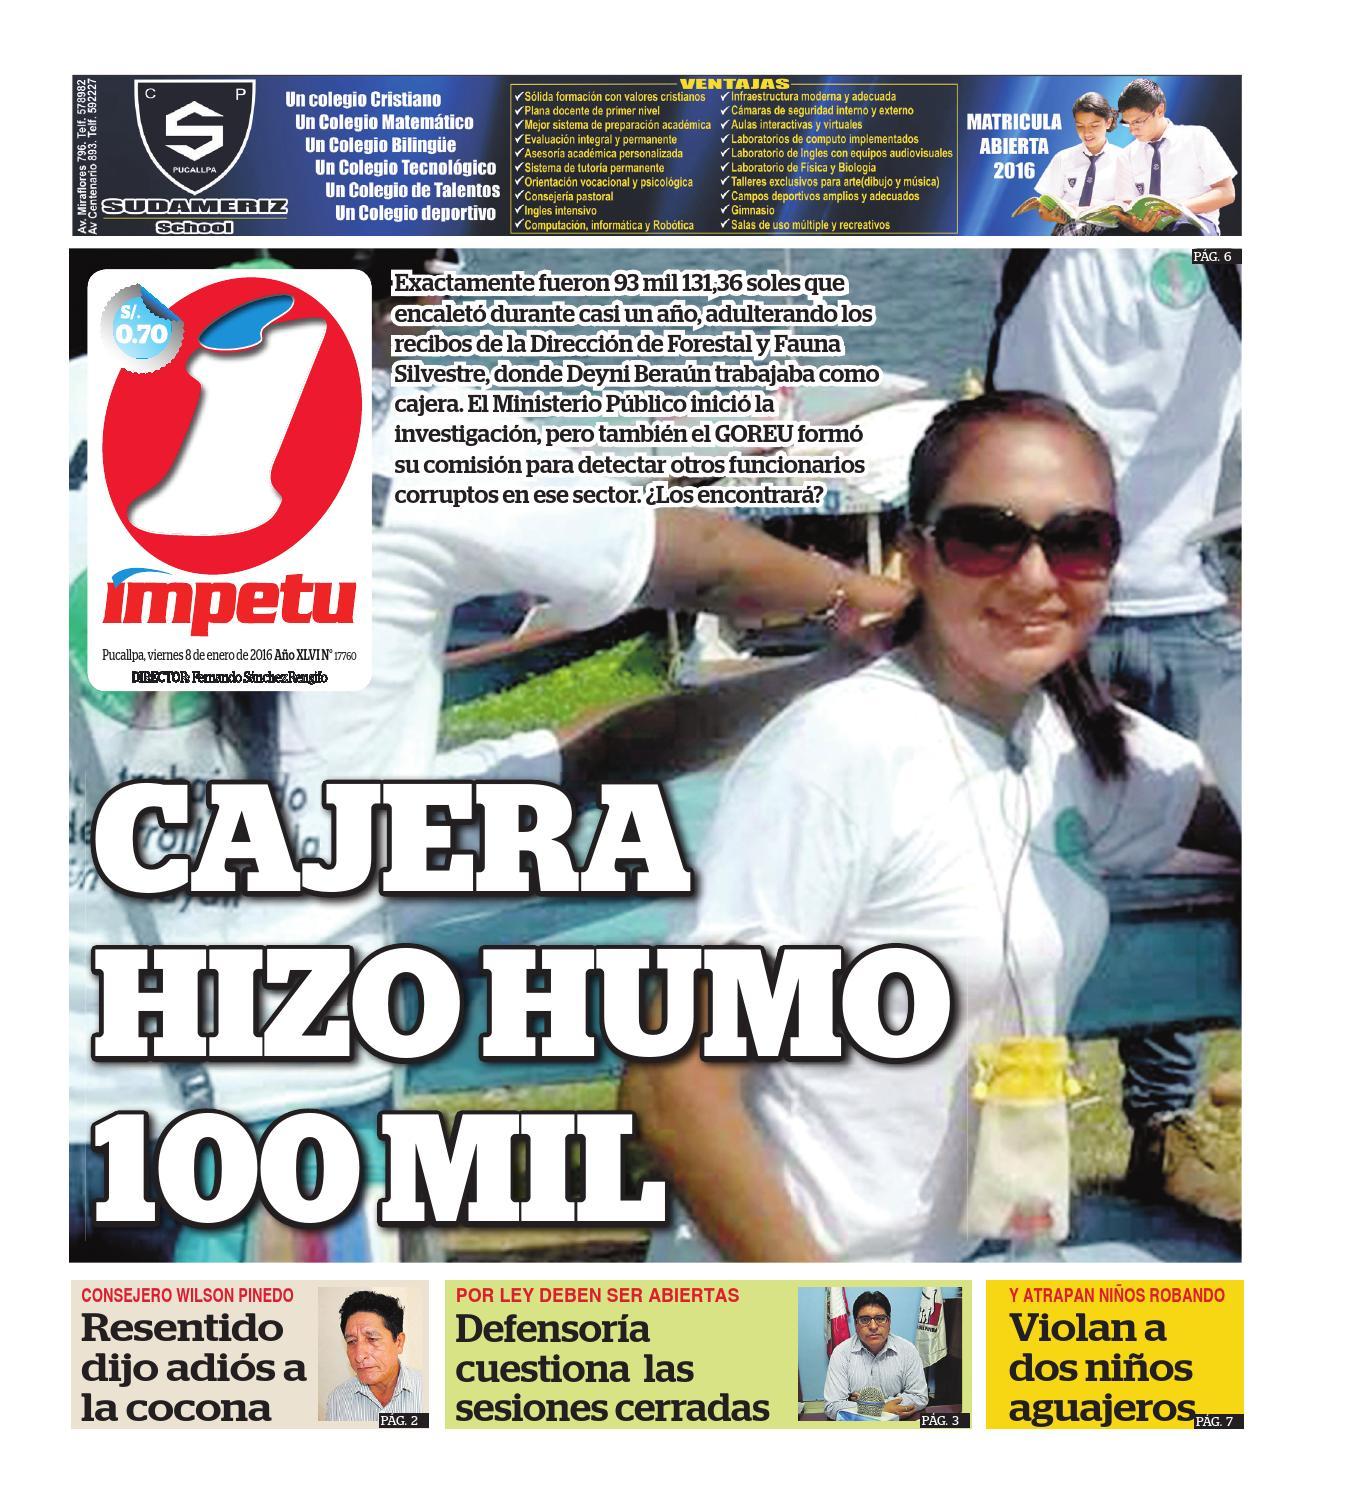 Impetu 8 de enero de 2016 by Diario Ímpetu - issuu